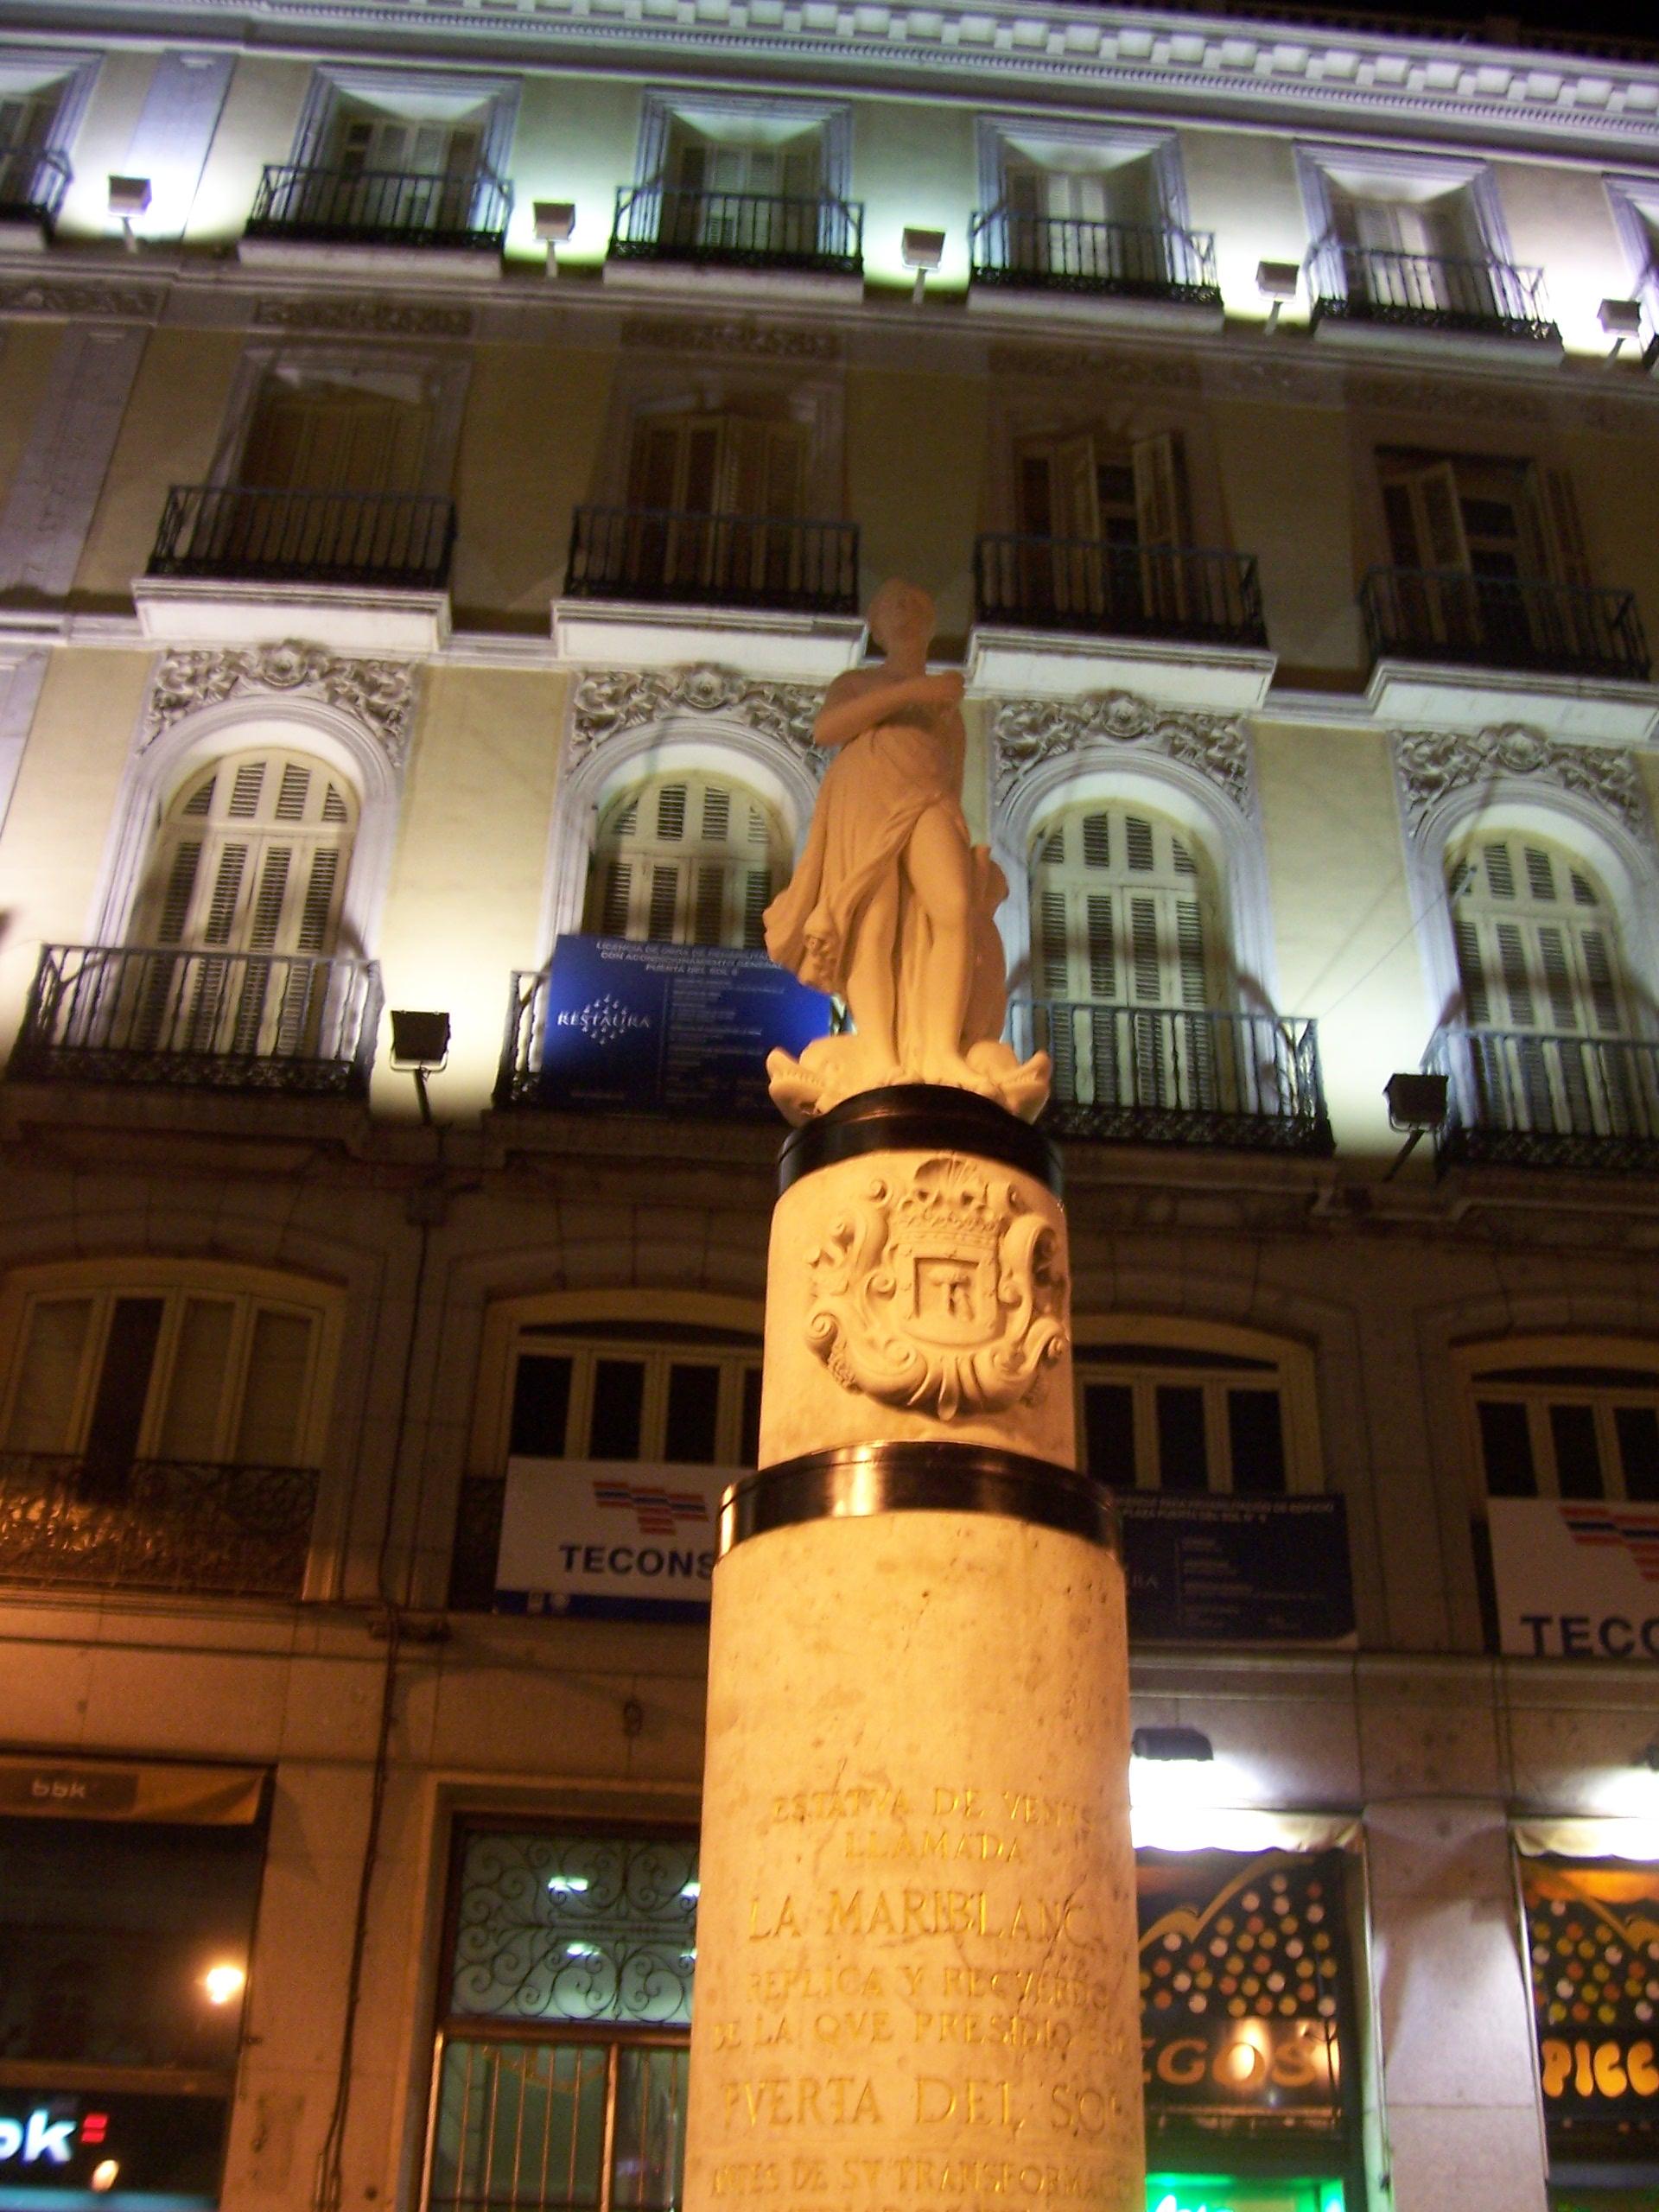 Estatua puerta del sol fotos de ltimas fotos for Puerta del sol hoy